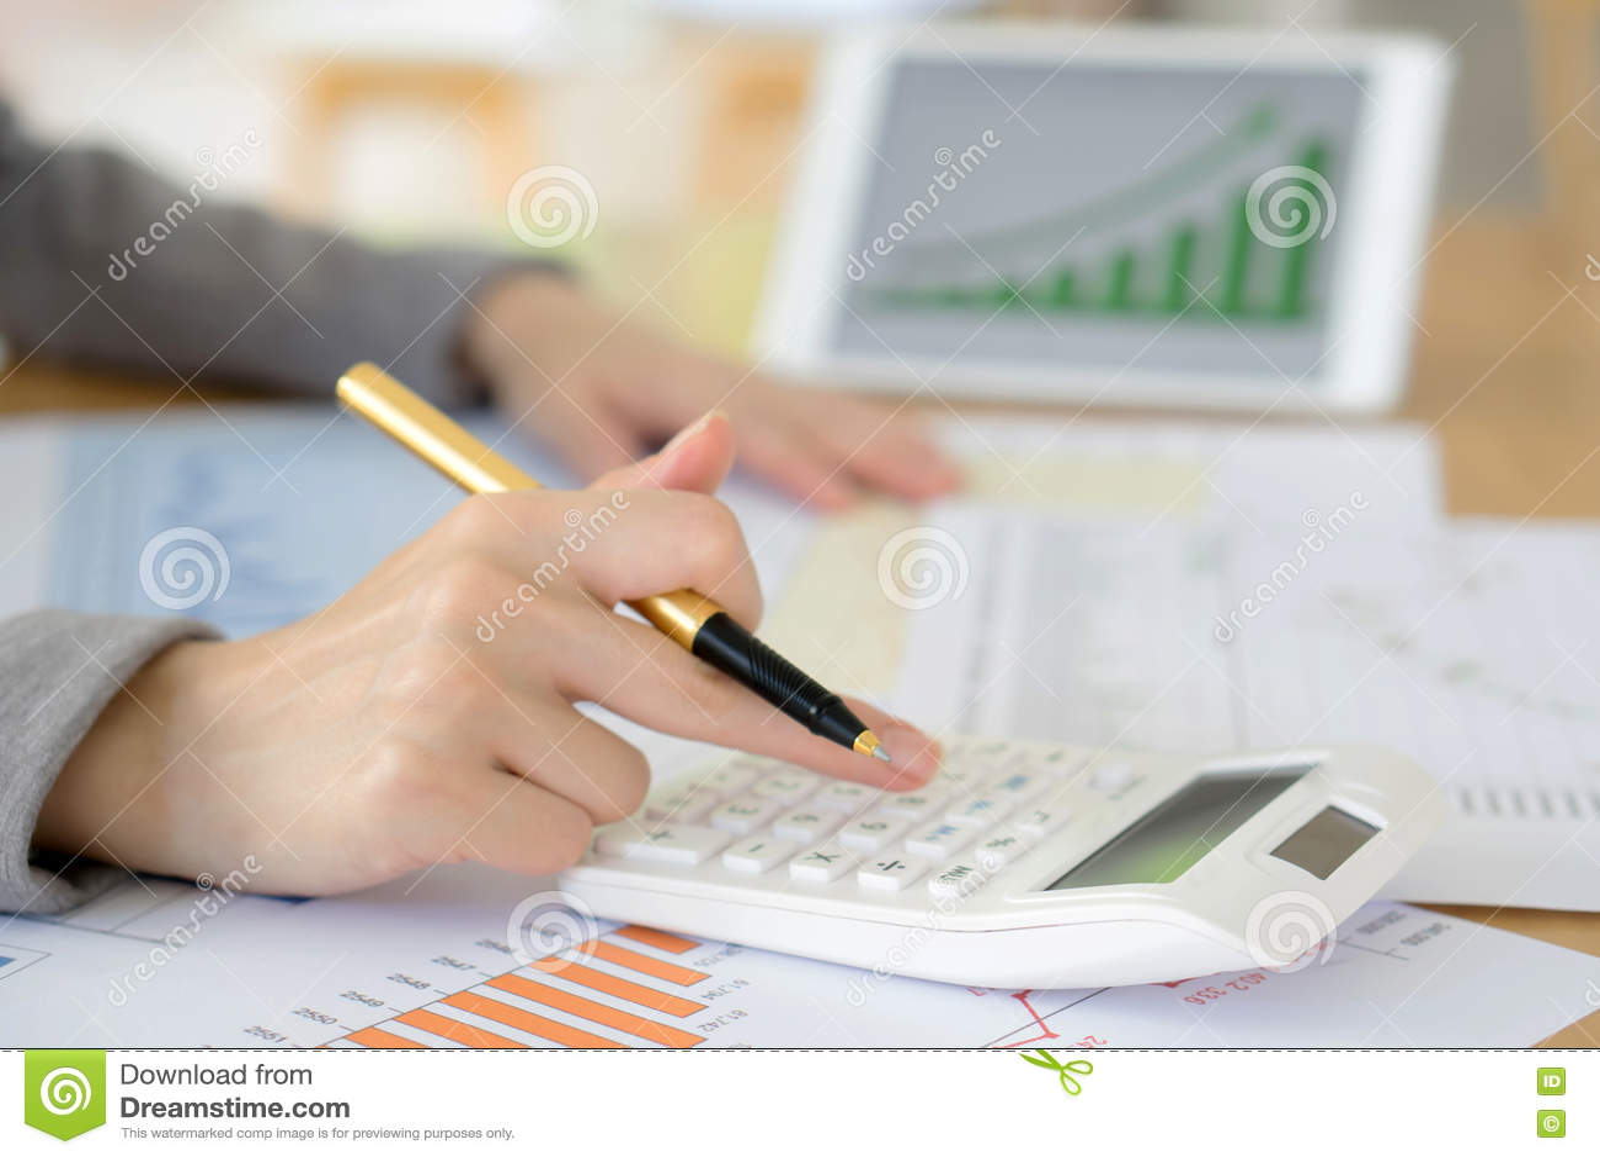 Изображение руки женщины с калькулятором и бумагами